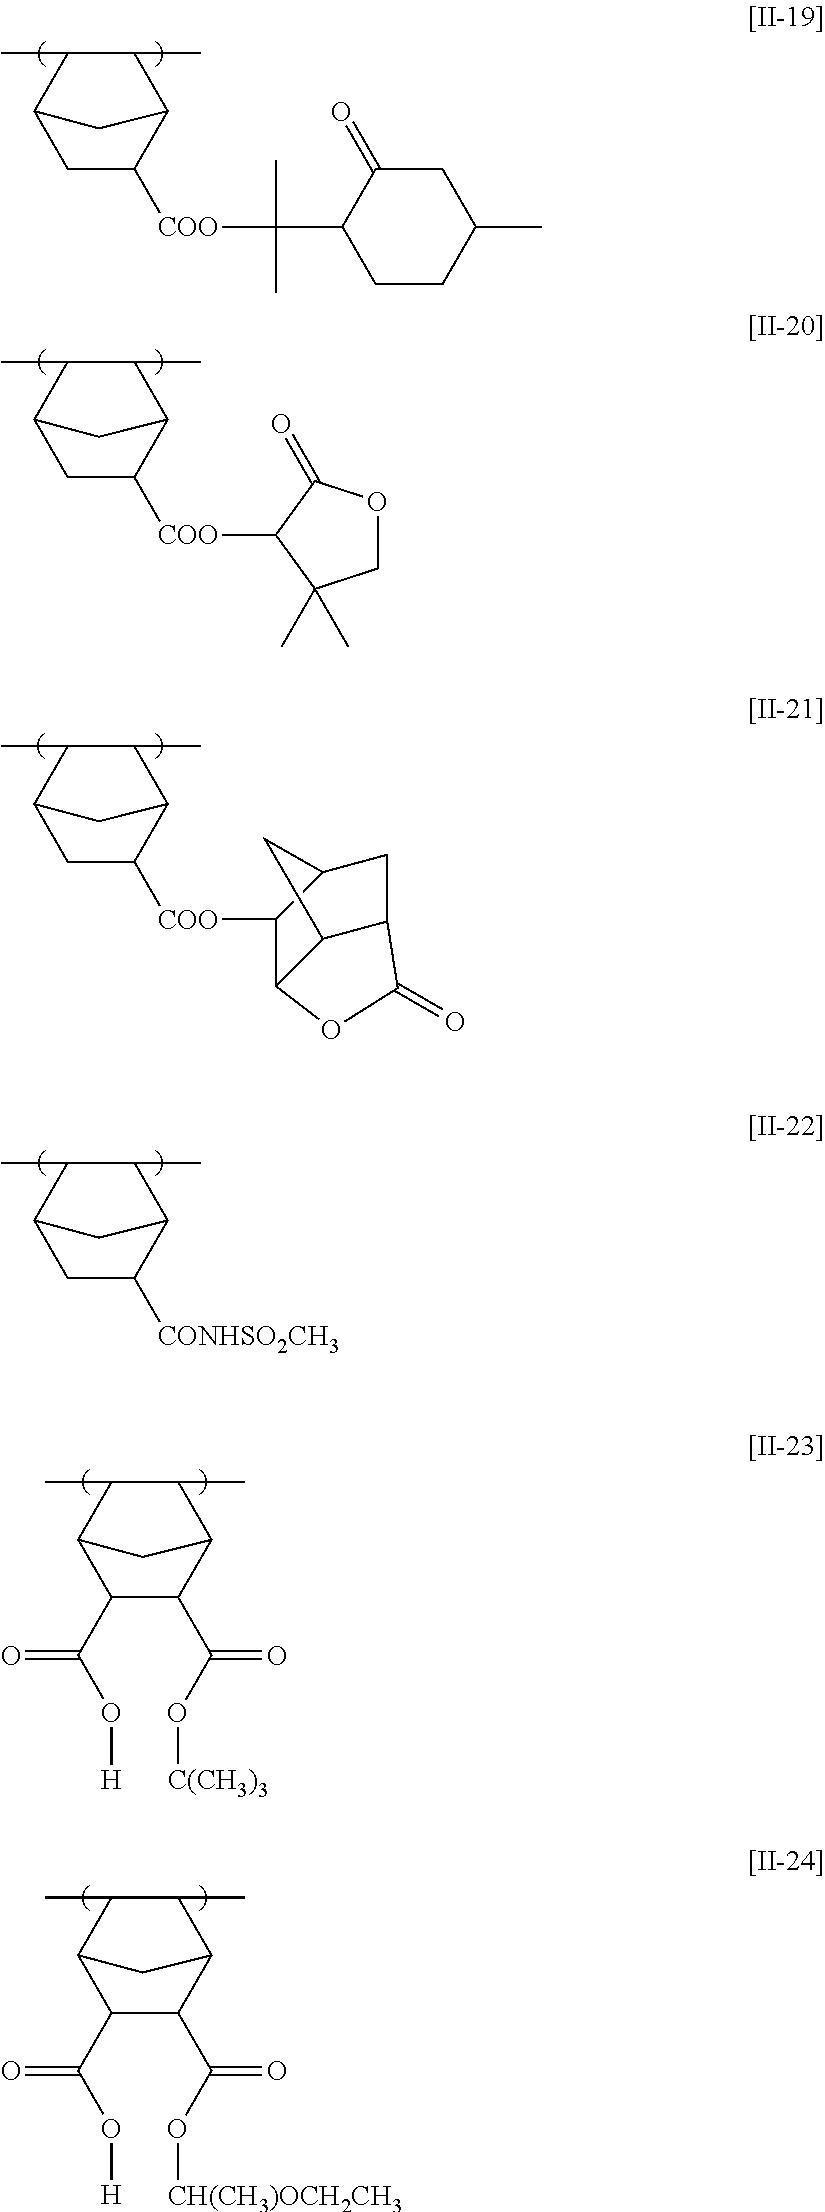 Figure US08476001-20130702-C00021